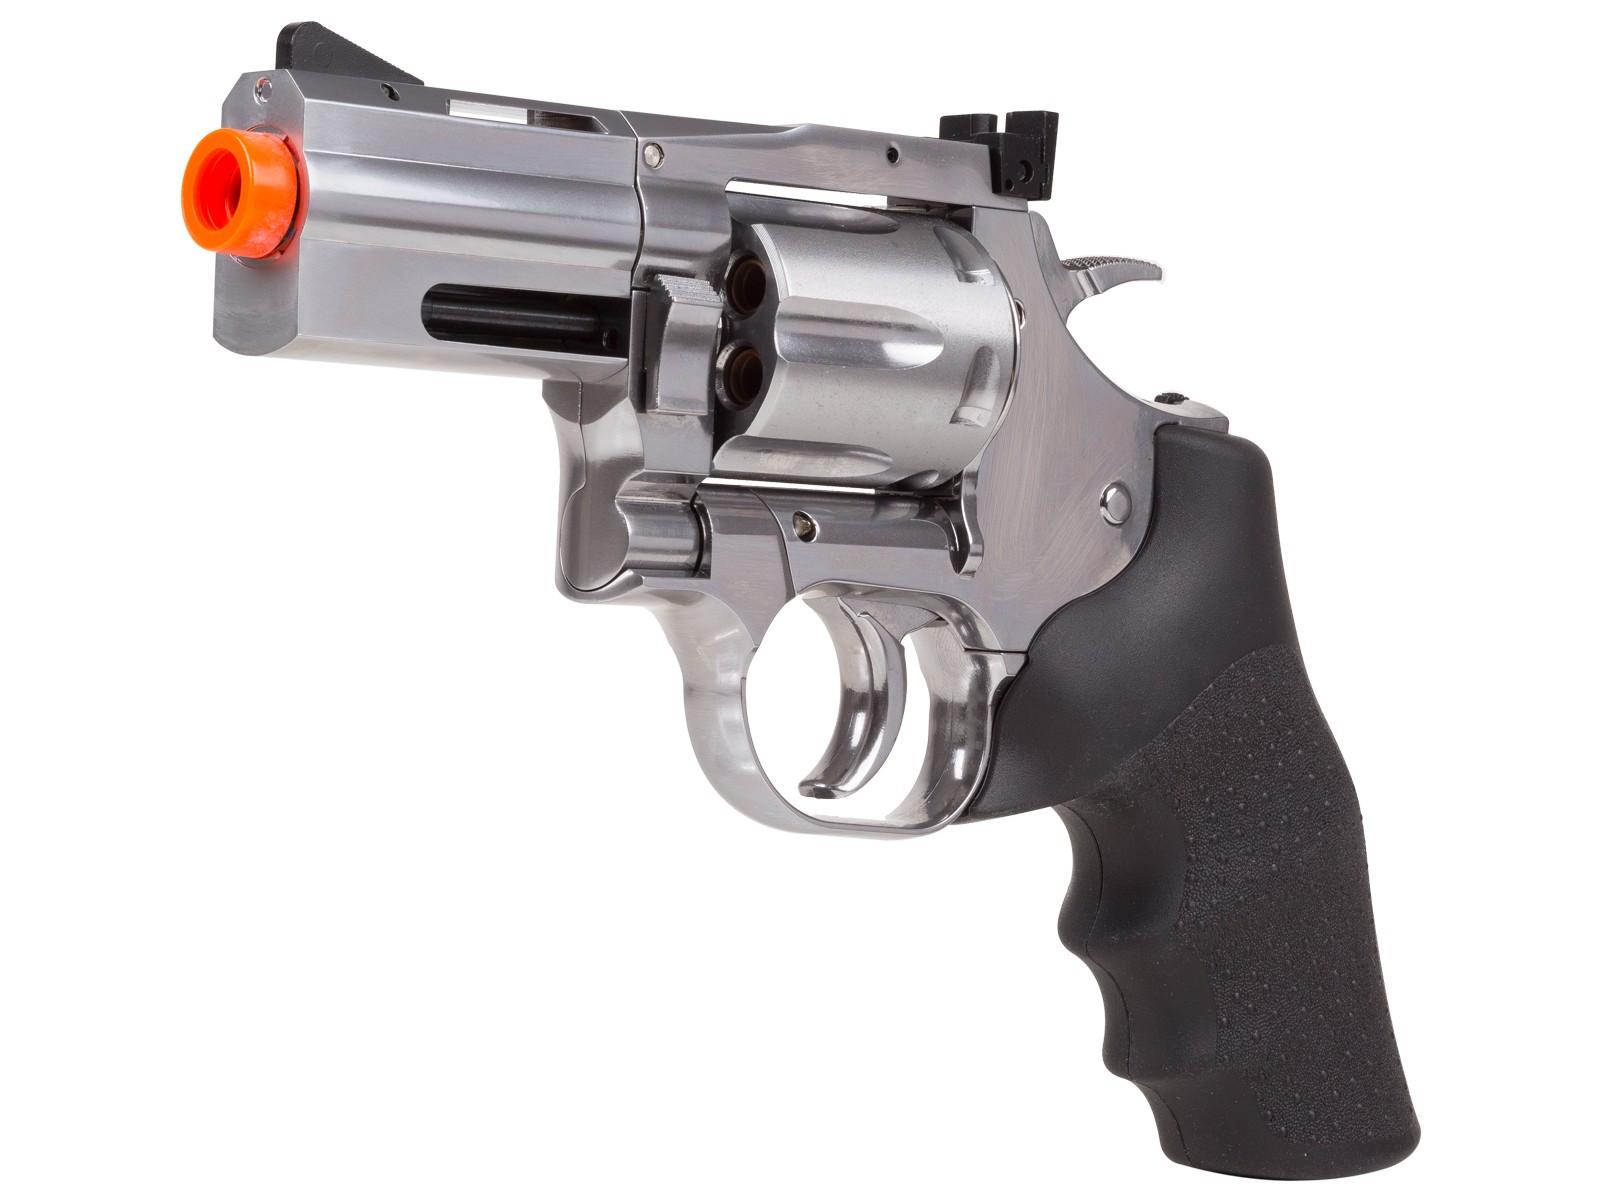 Dan_Wesson_715_25_CO2_Airsoft_Revolver__Silver_6mm